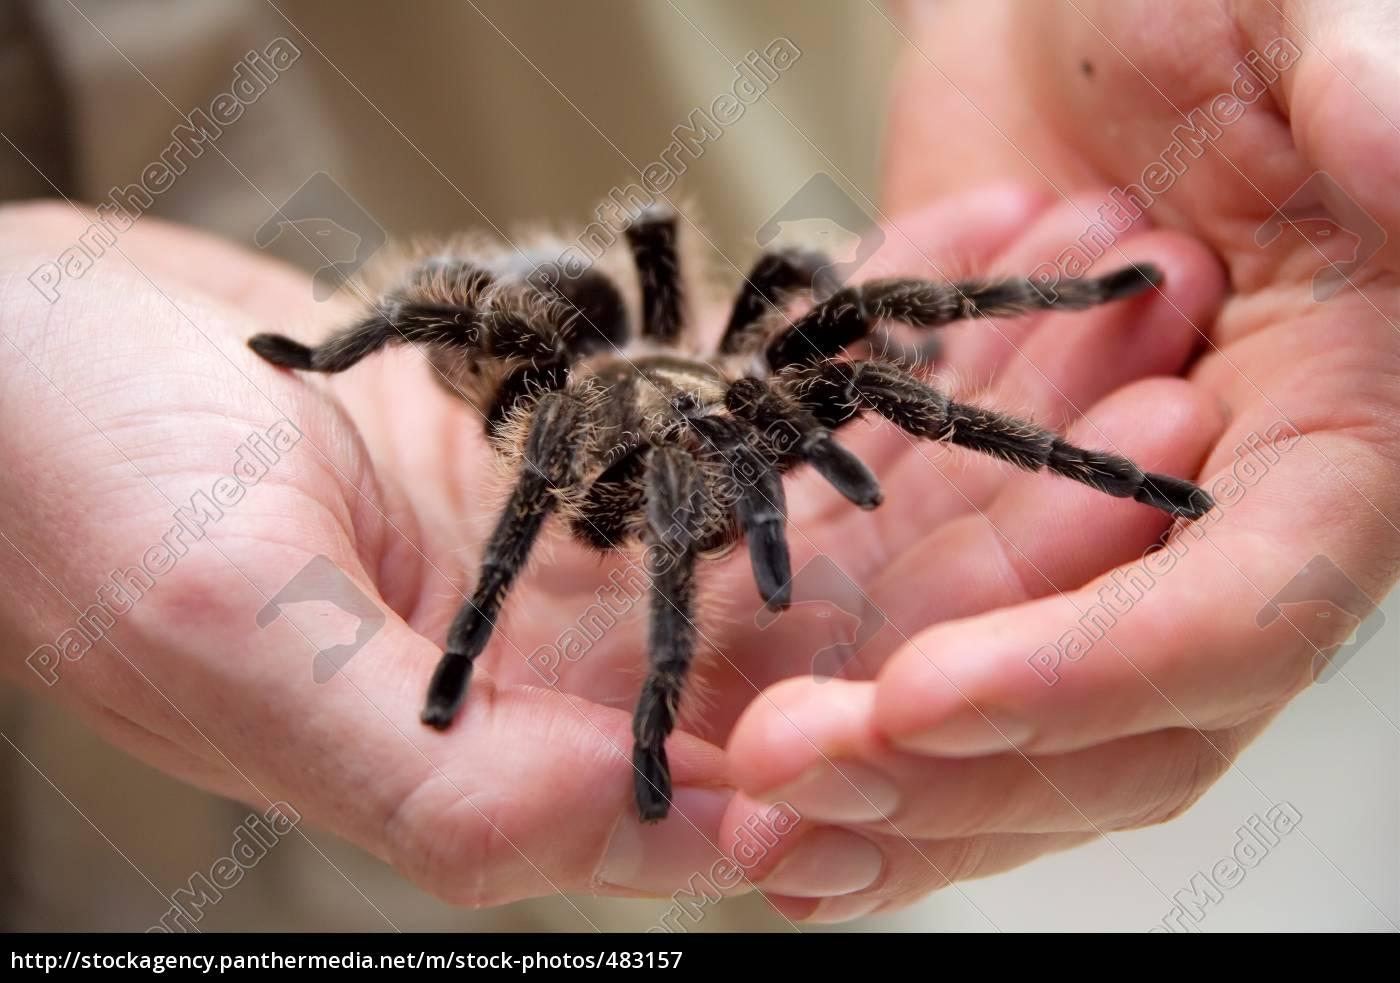 tarantula - 483157